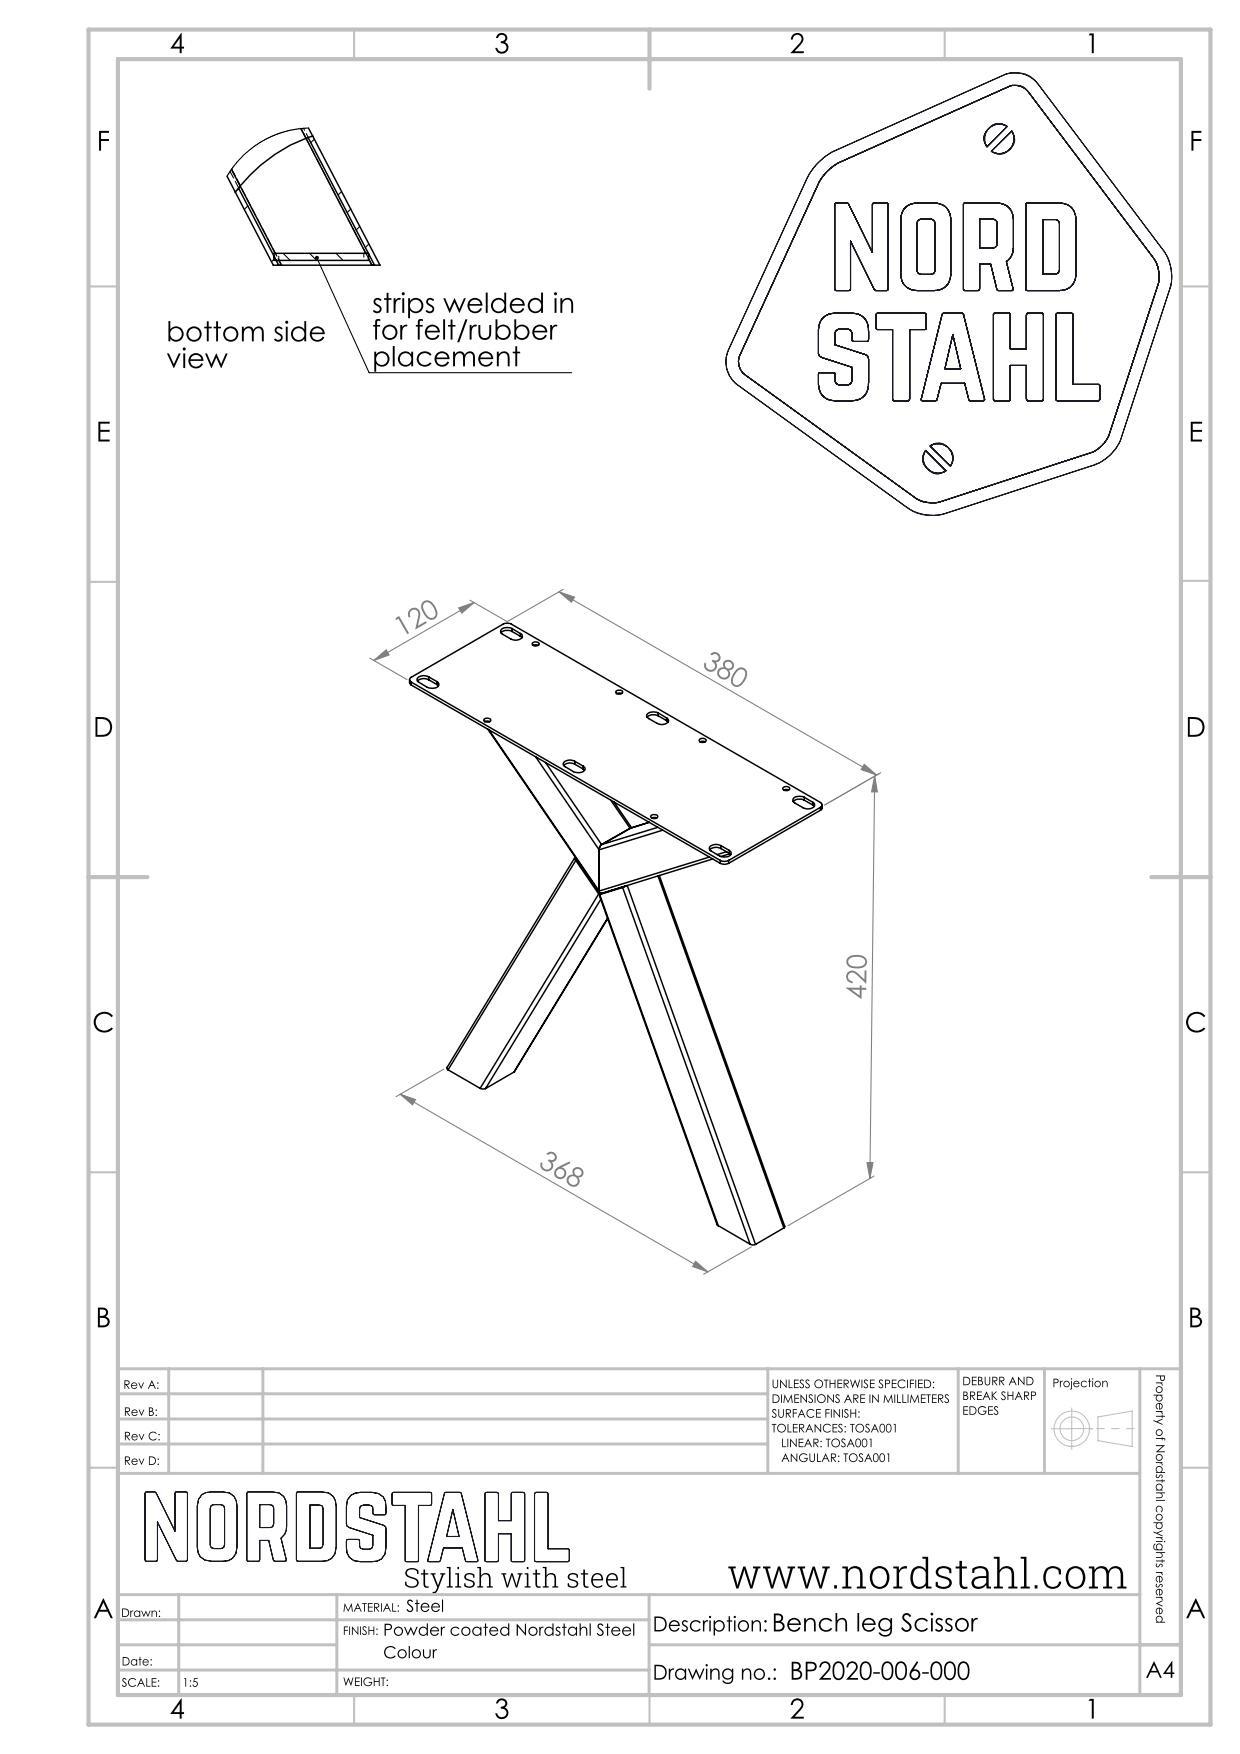 Nordstahl Scissor benchleg-5